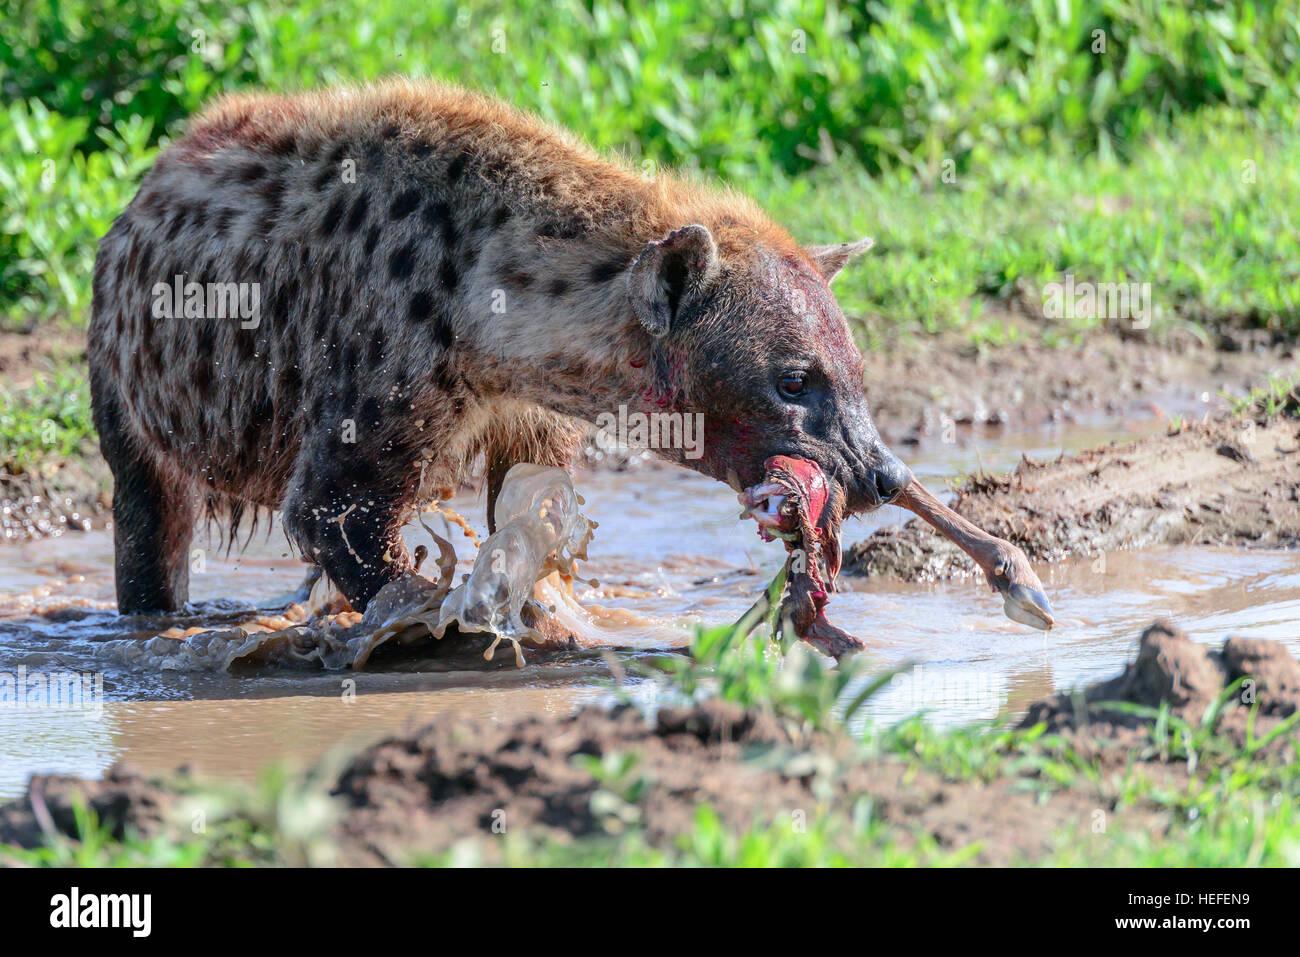 Une Hyène tachetée (ou 'rire hyène Crocuta crocuta) à propos de cacher sa nourriture capturée Photo Stock